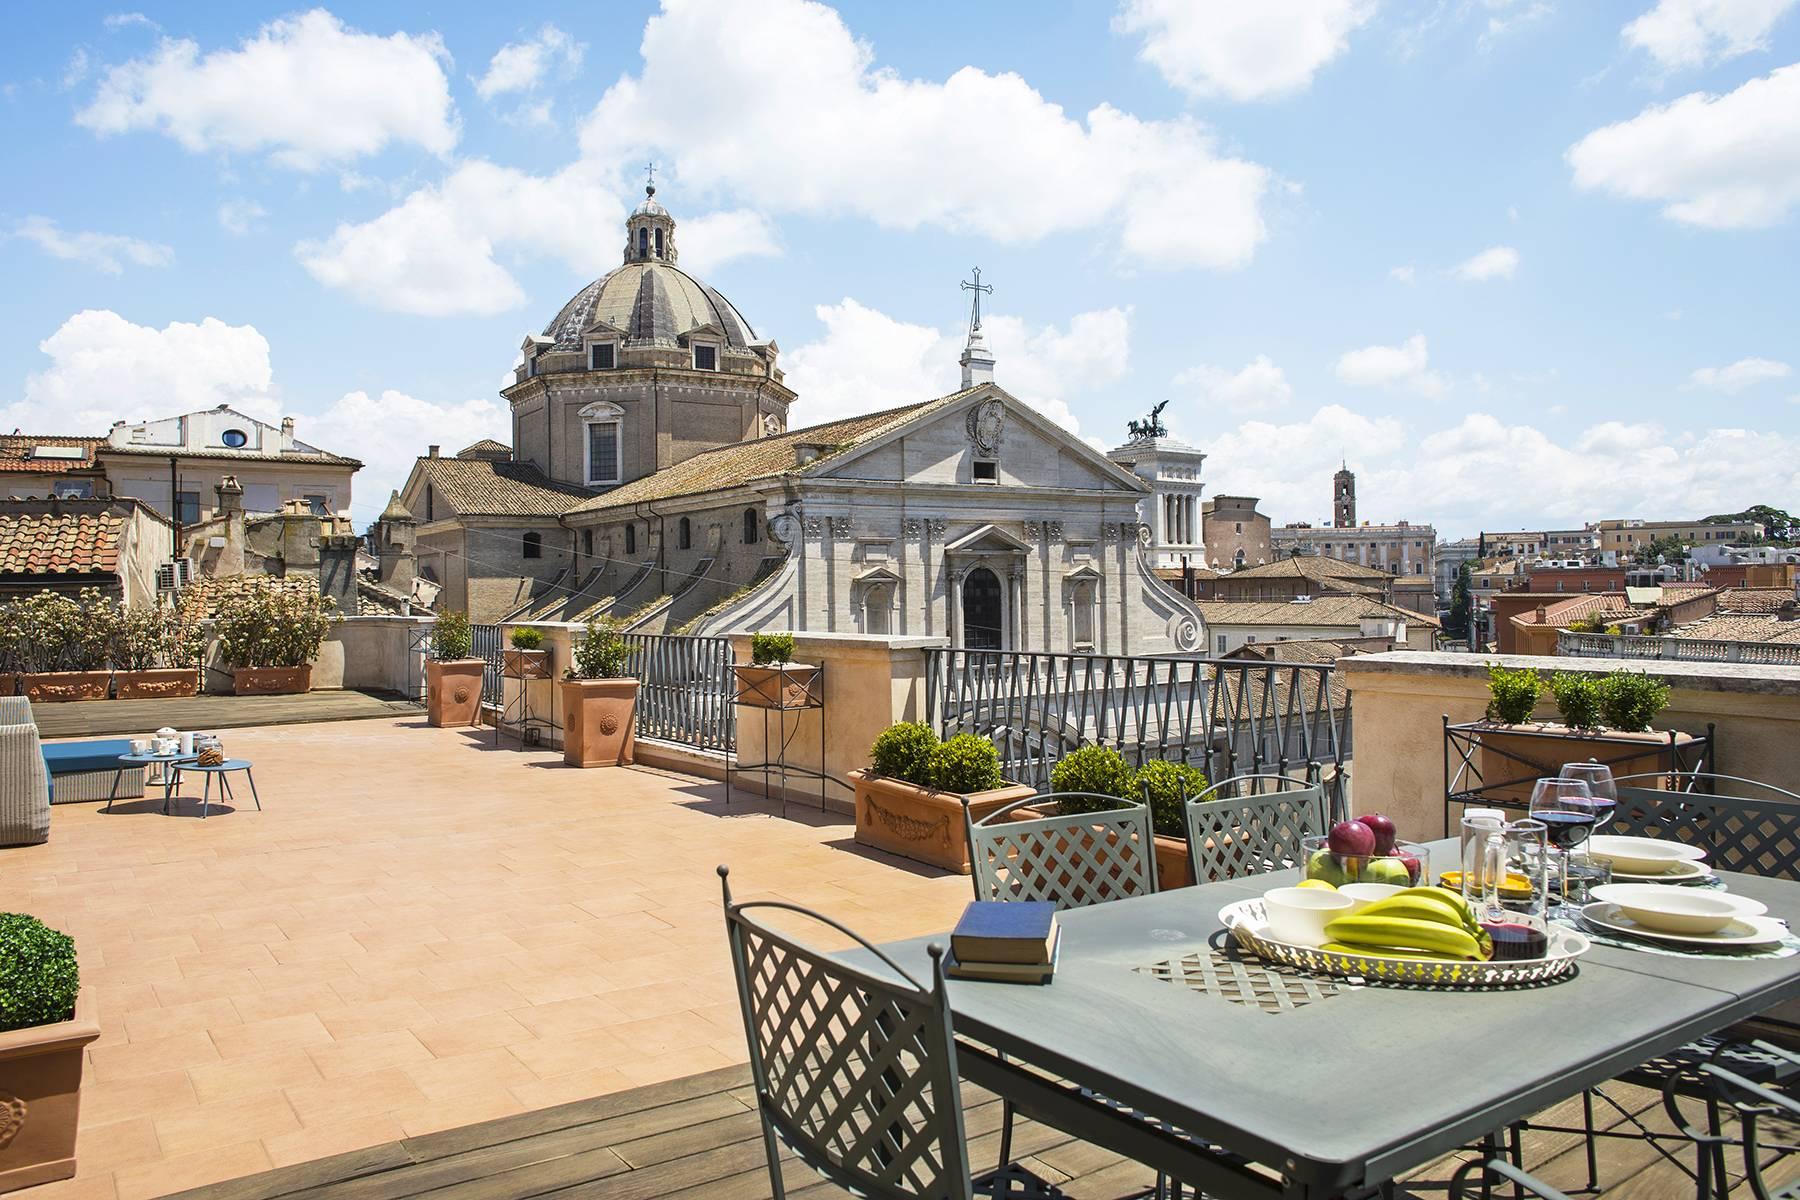 Attico in Affitto a Roma 01 Centro Storico: 3 locali, 100 mq